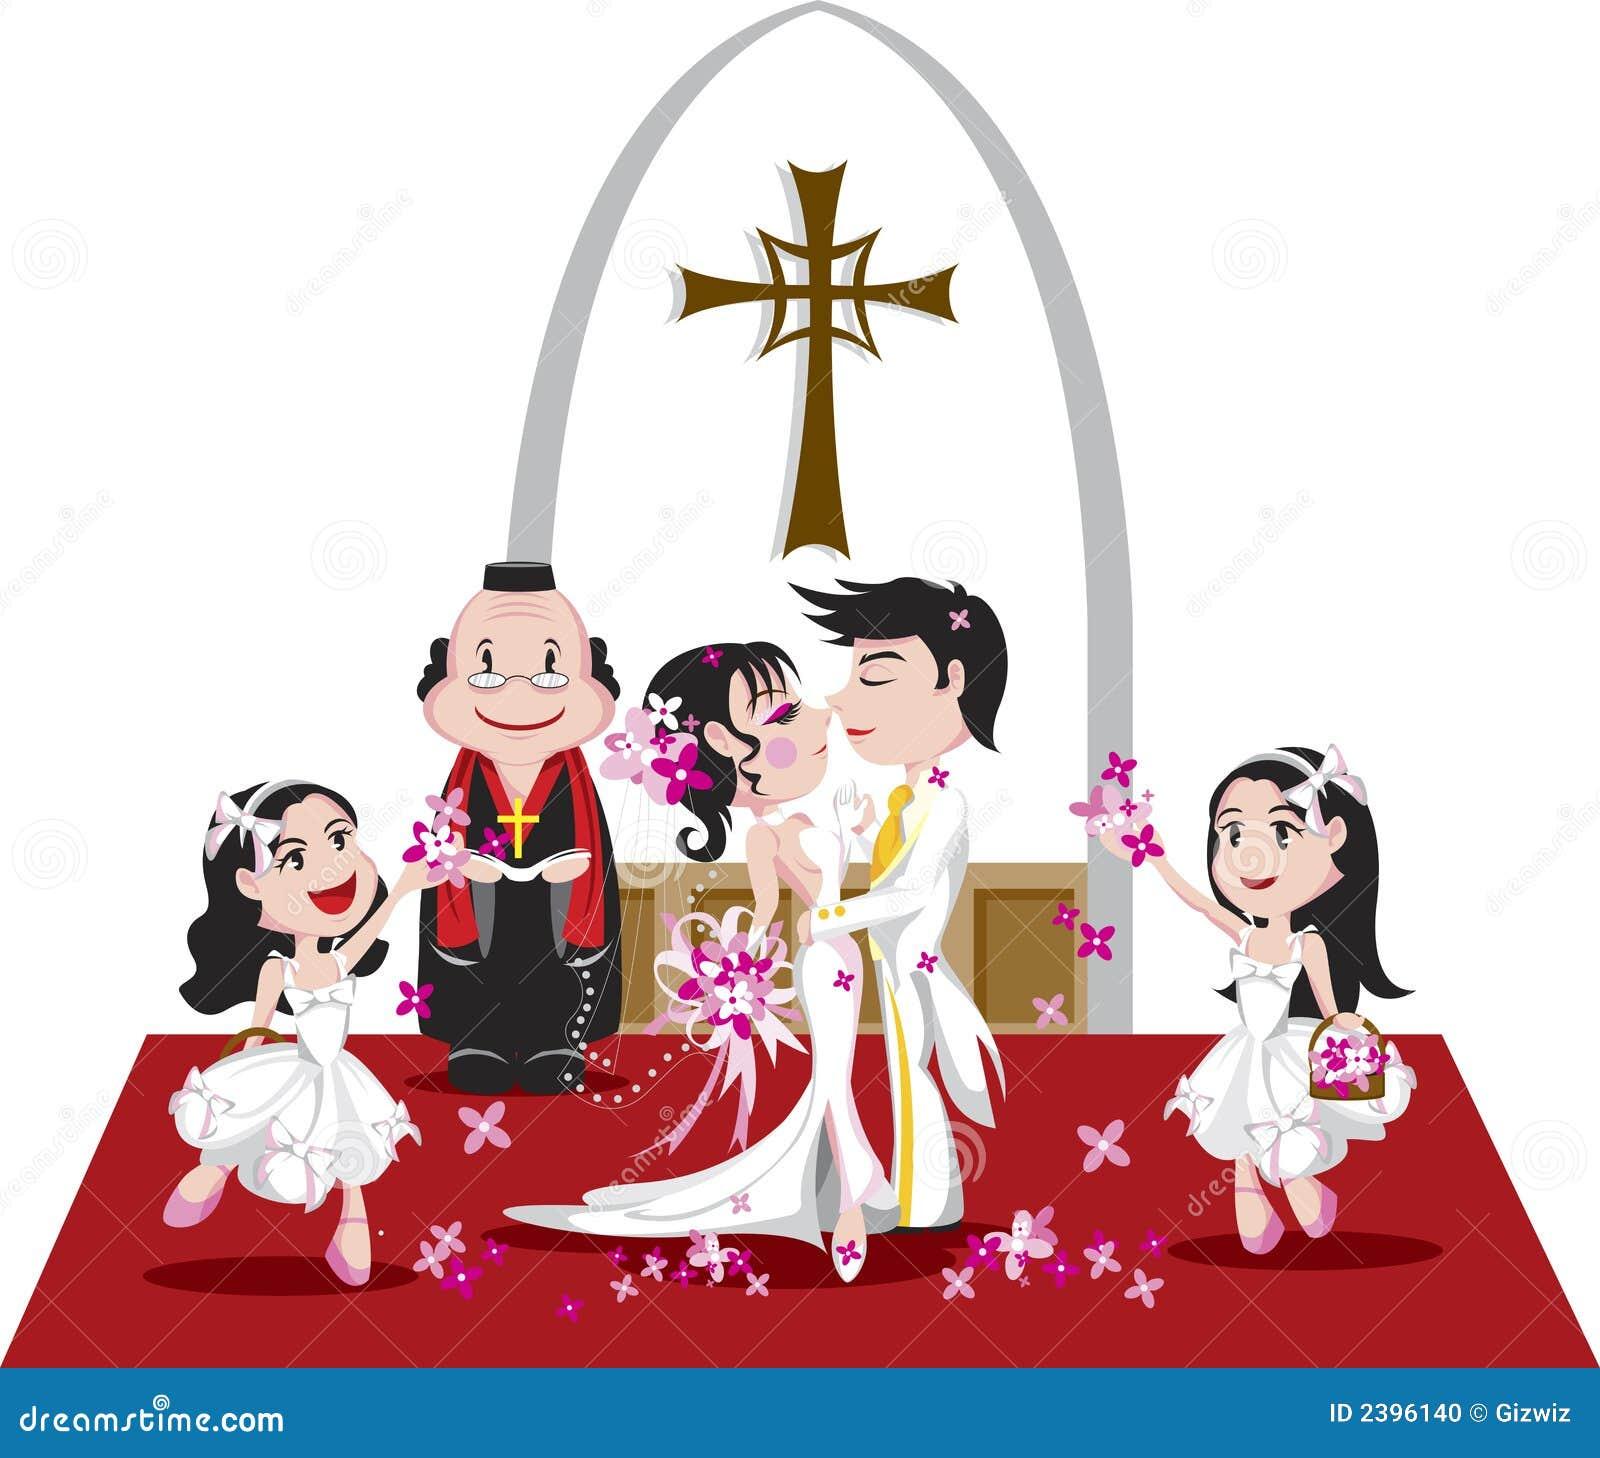 Une illustration détaillée sur un mariage romantique